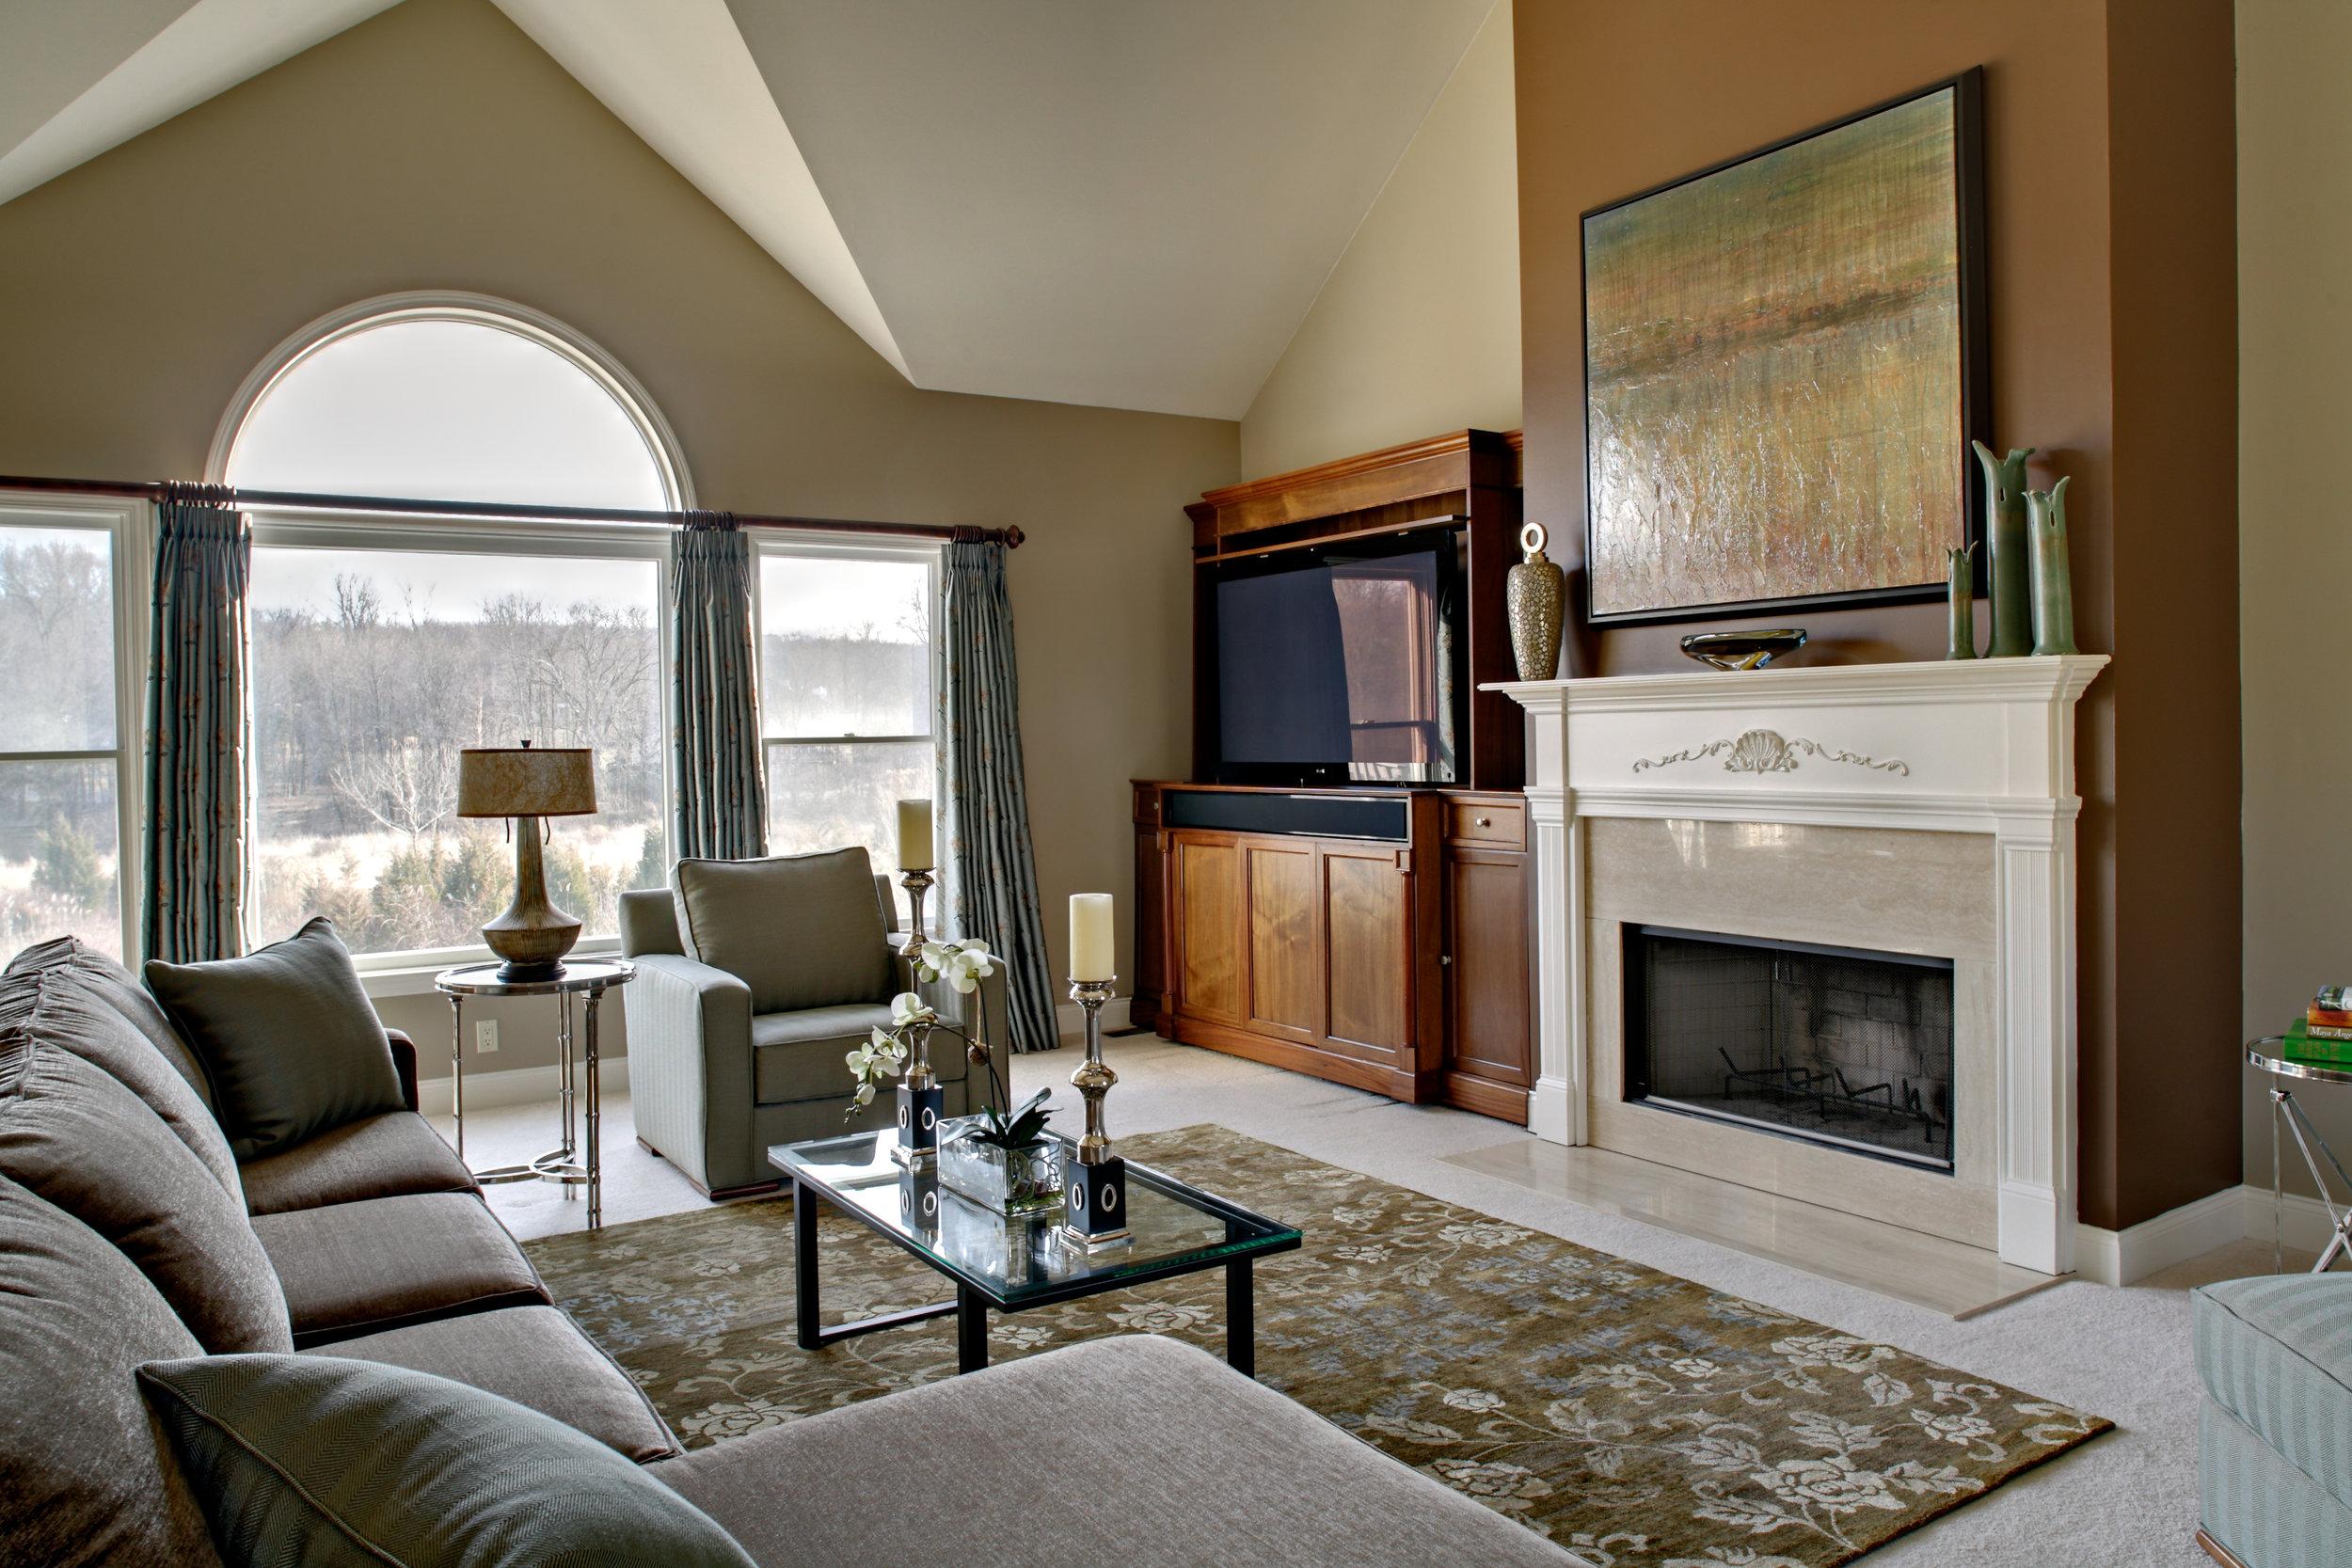 LivingroomGorgeous.jpg